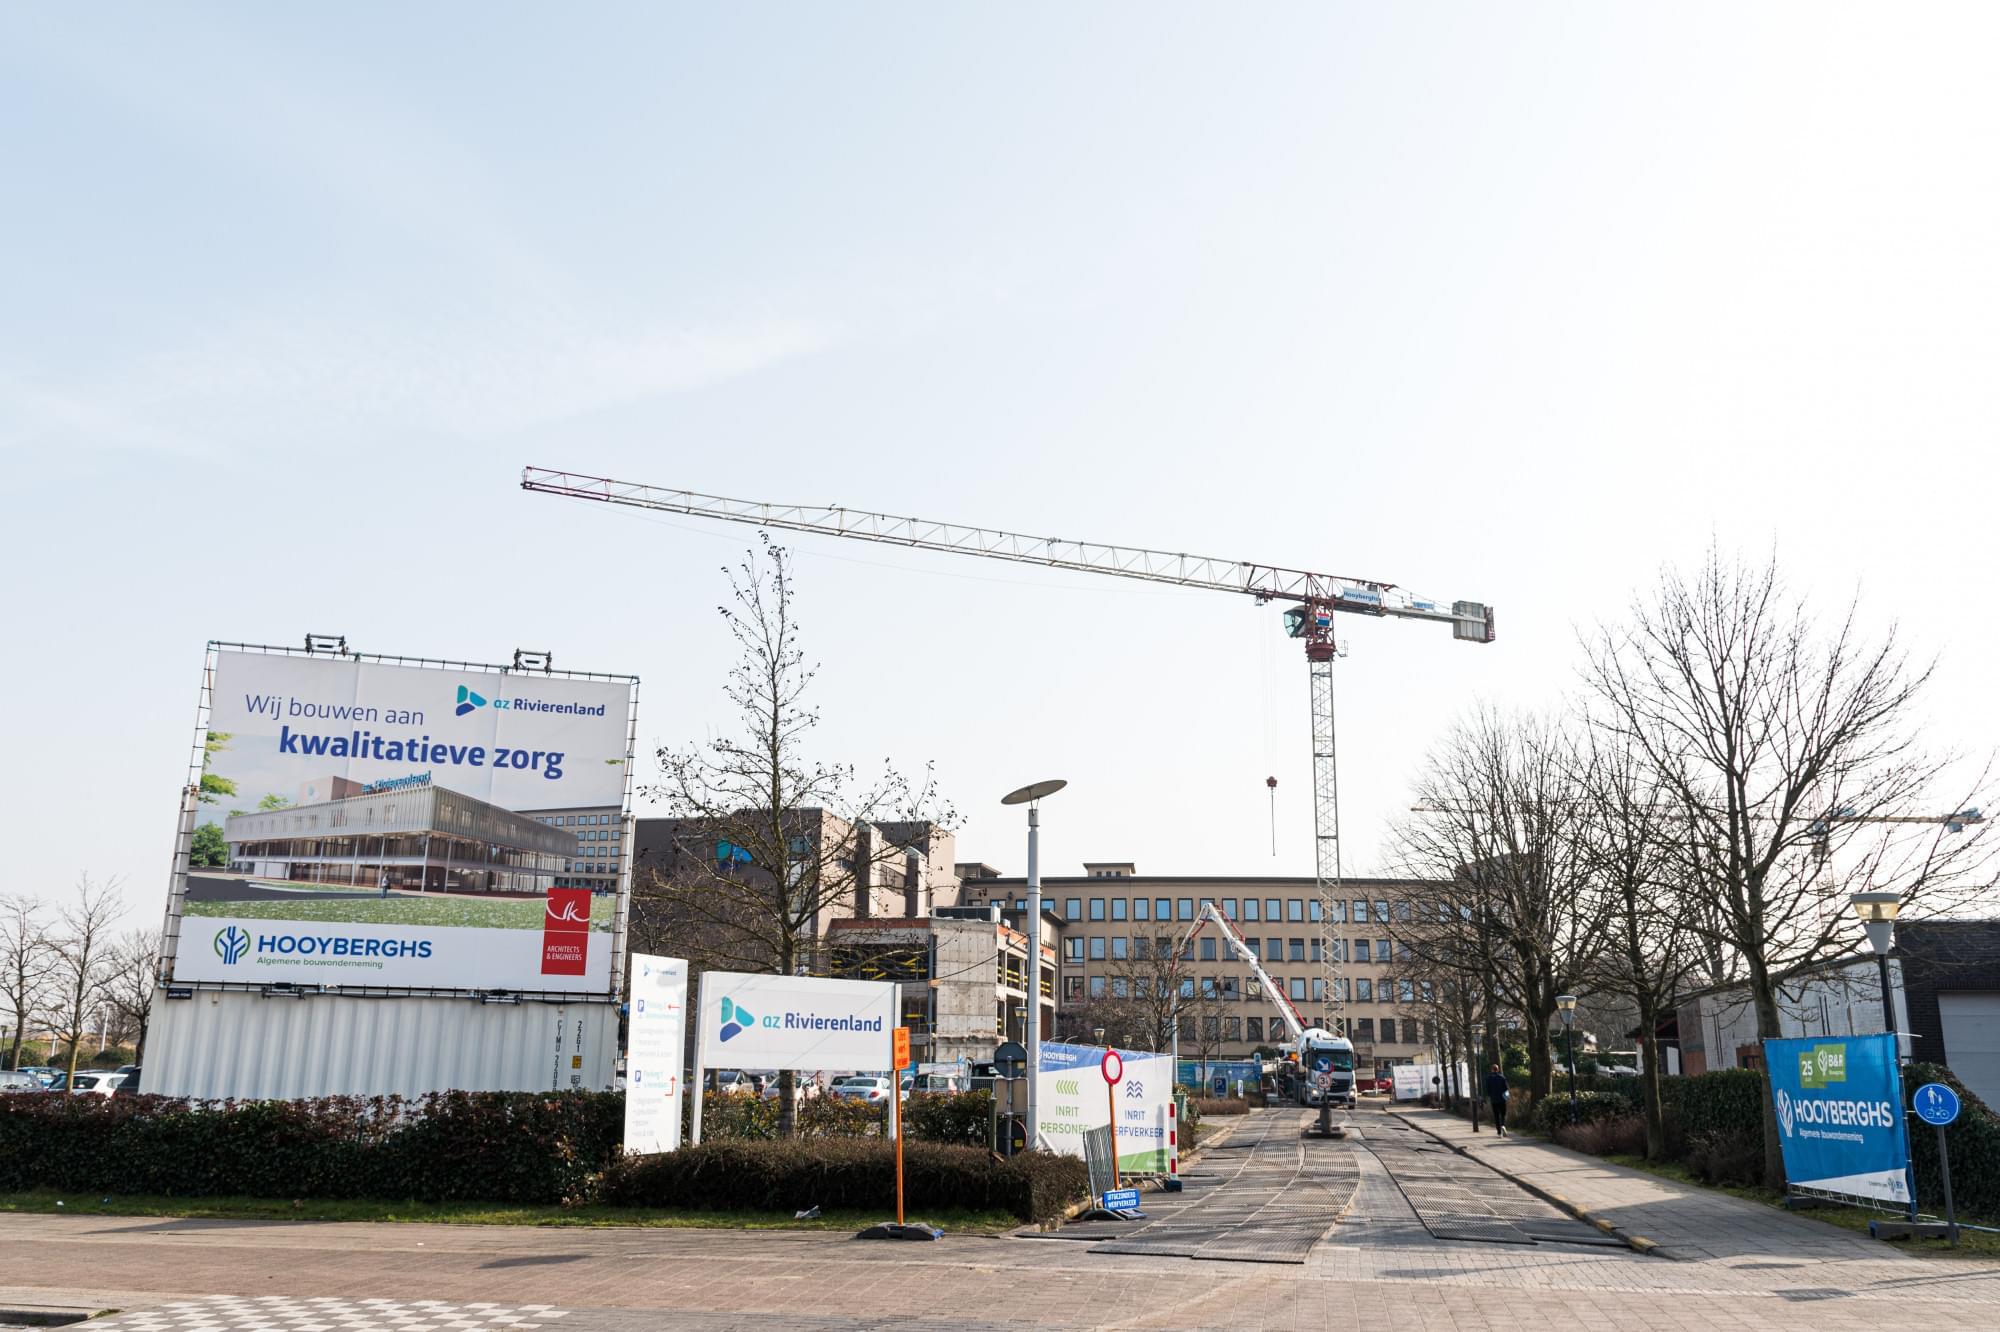 Plechtige start AZ Rivierenland - Willebroek (3)